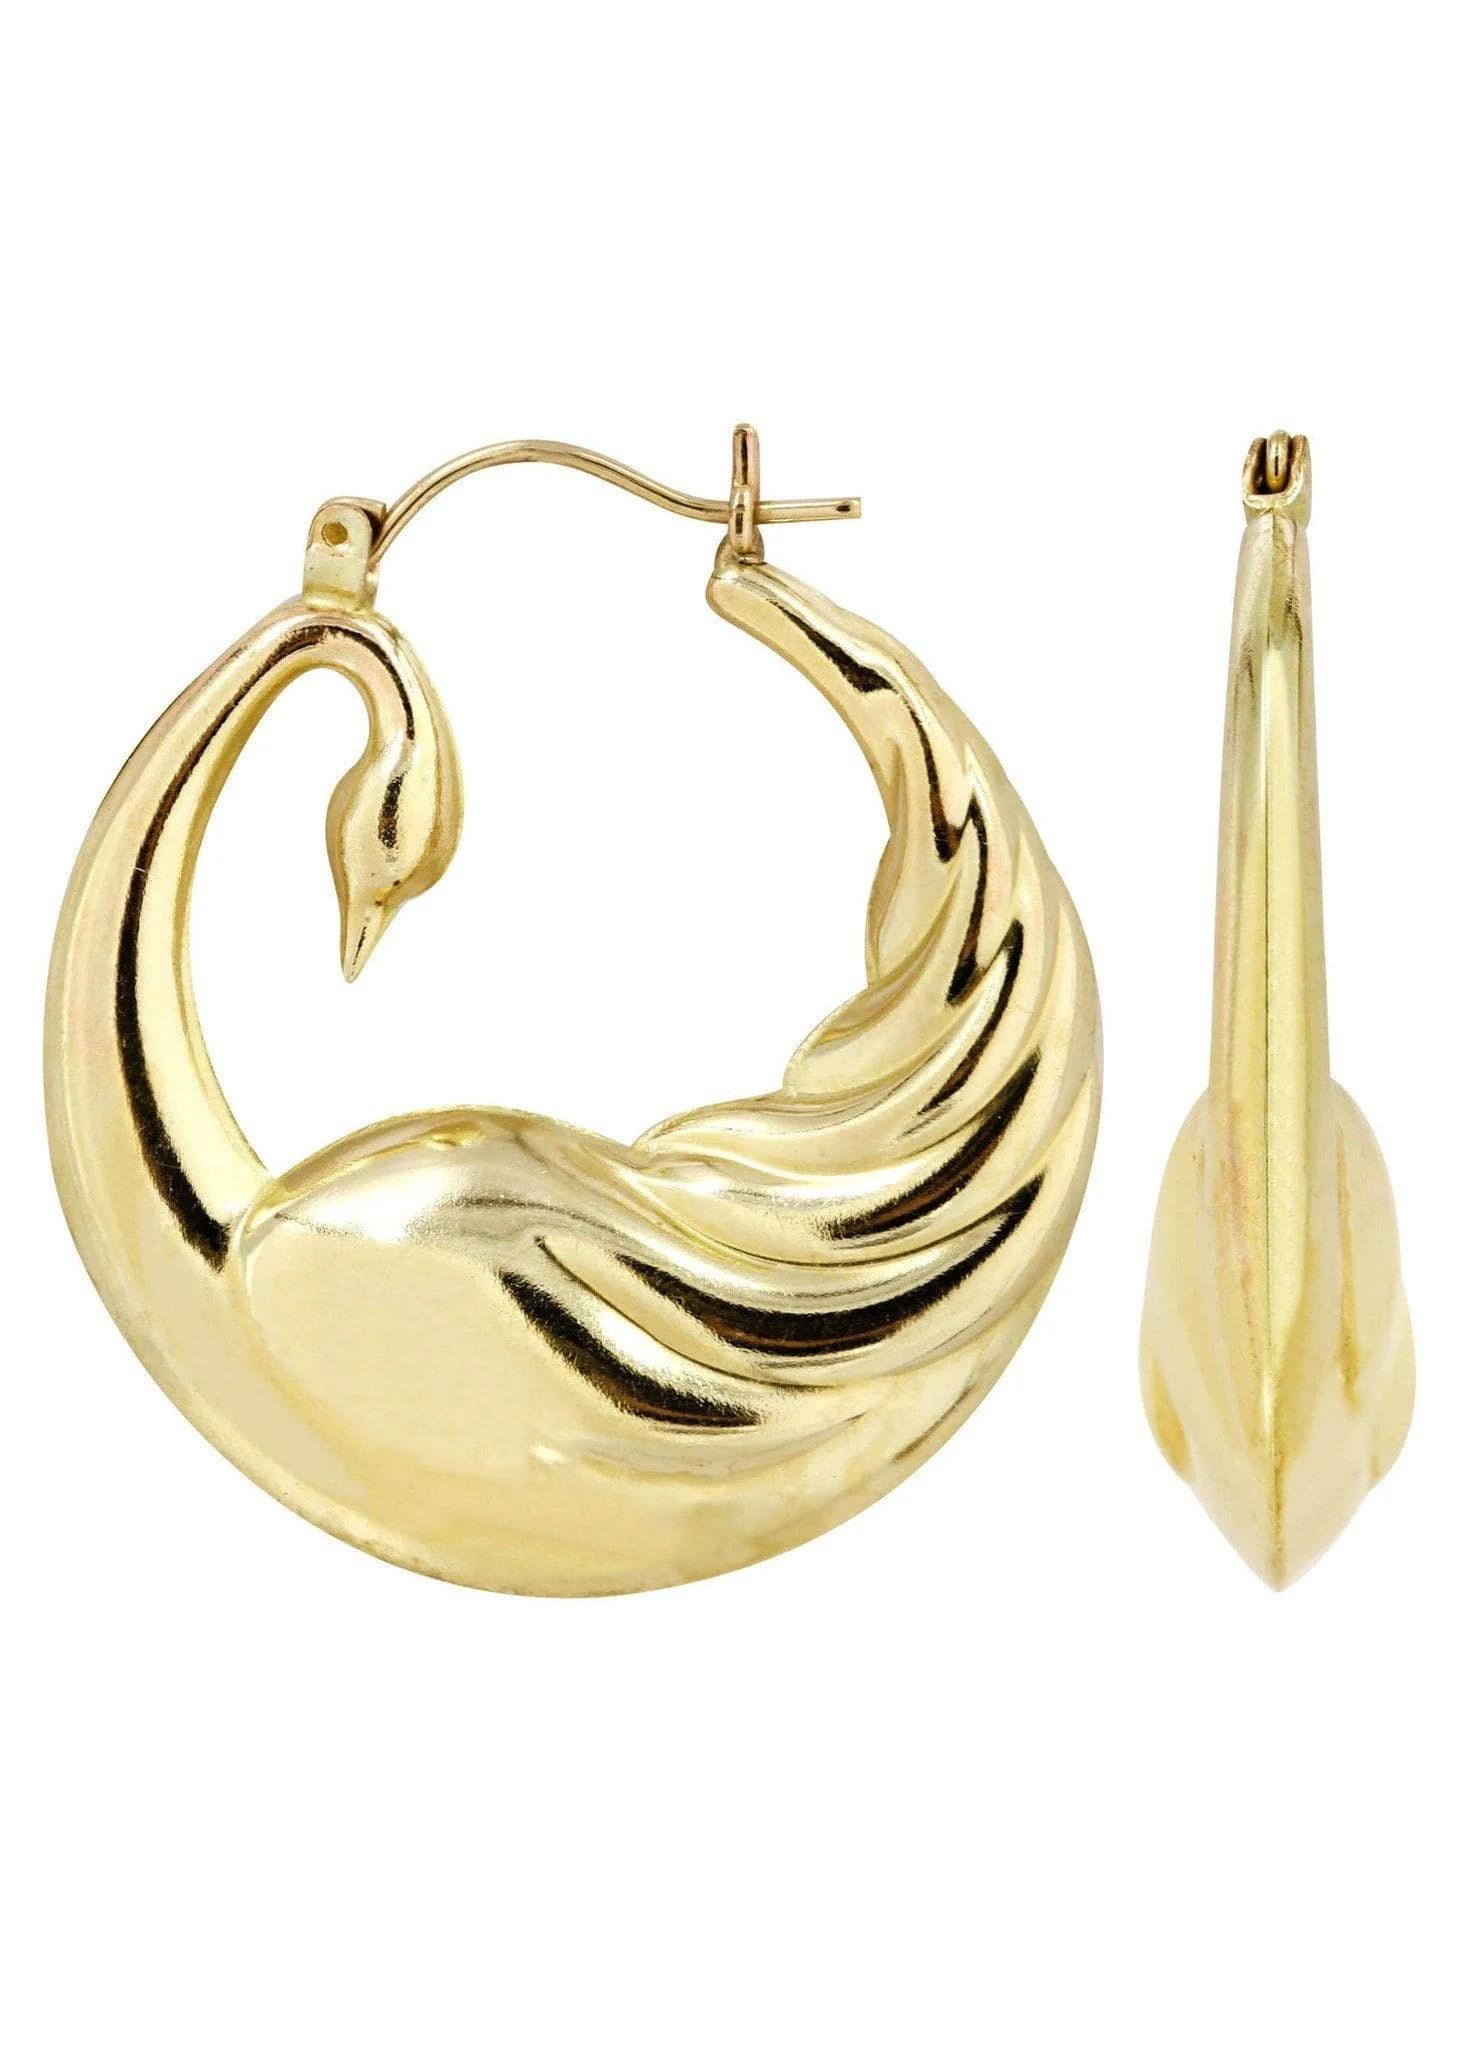 10k Gold Goose Hoop Earrings Diameter 1.25 Inches Frostnyc